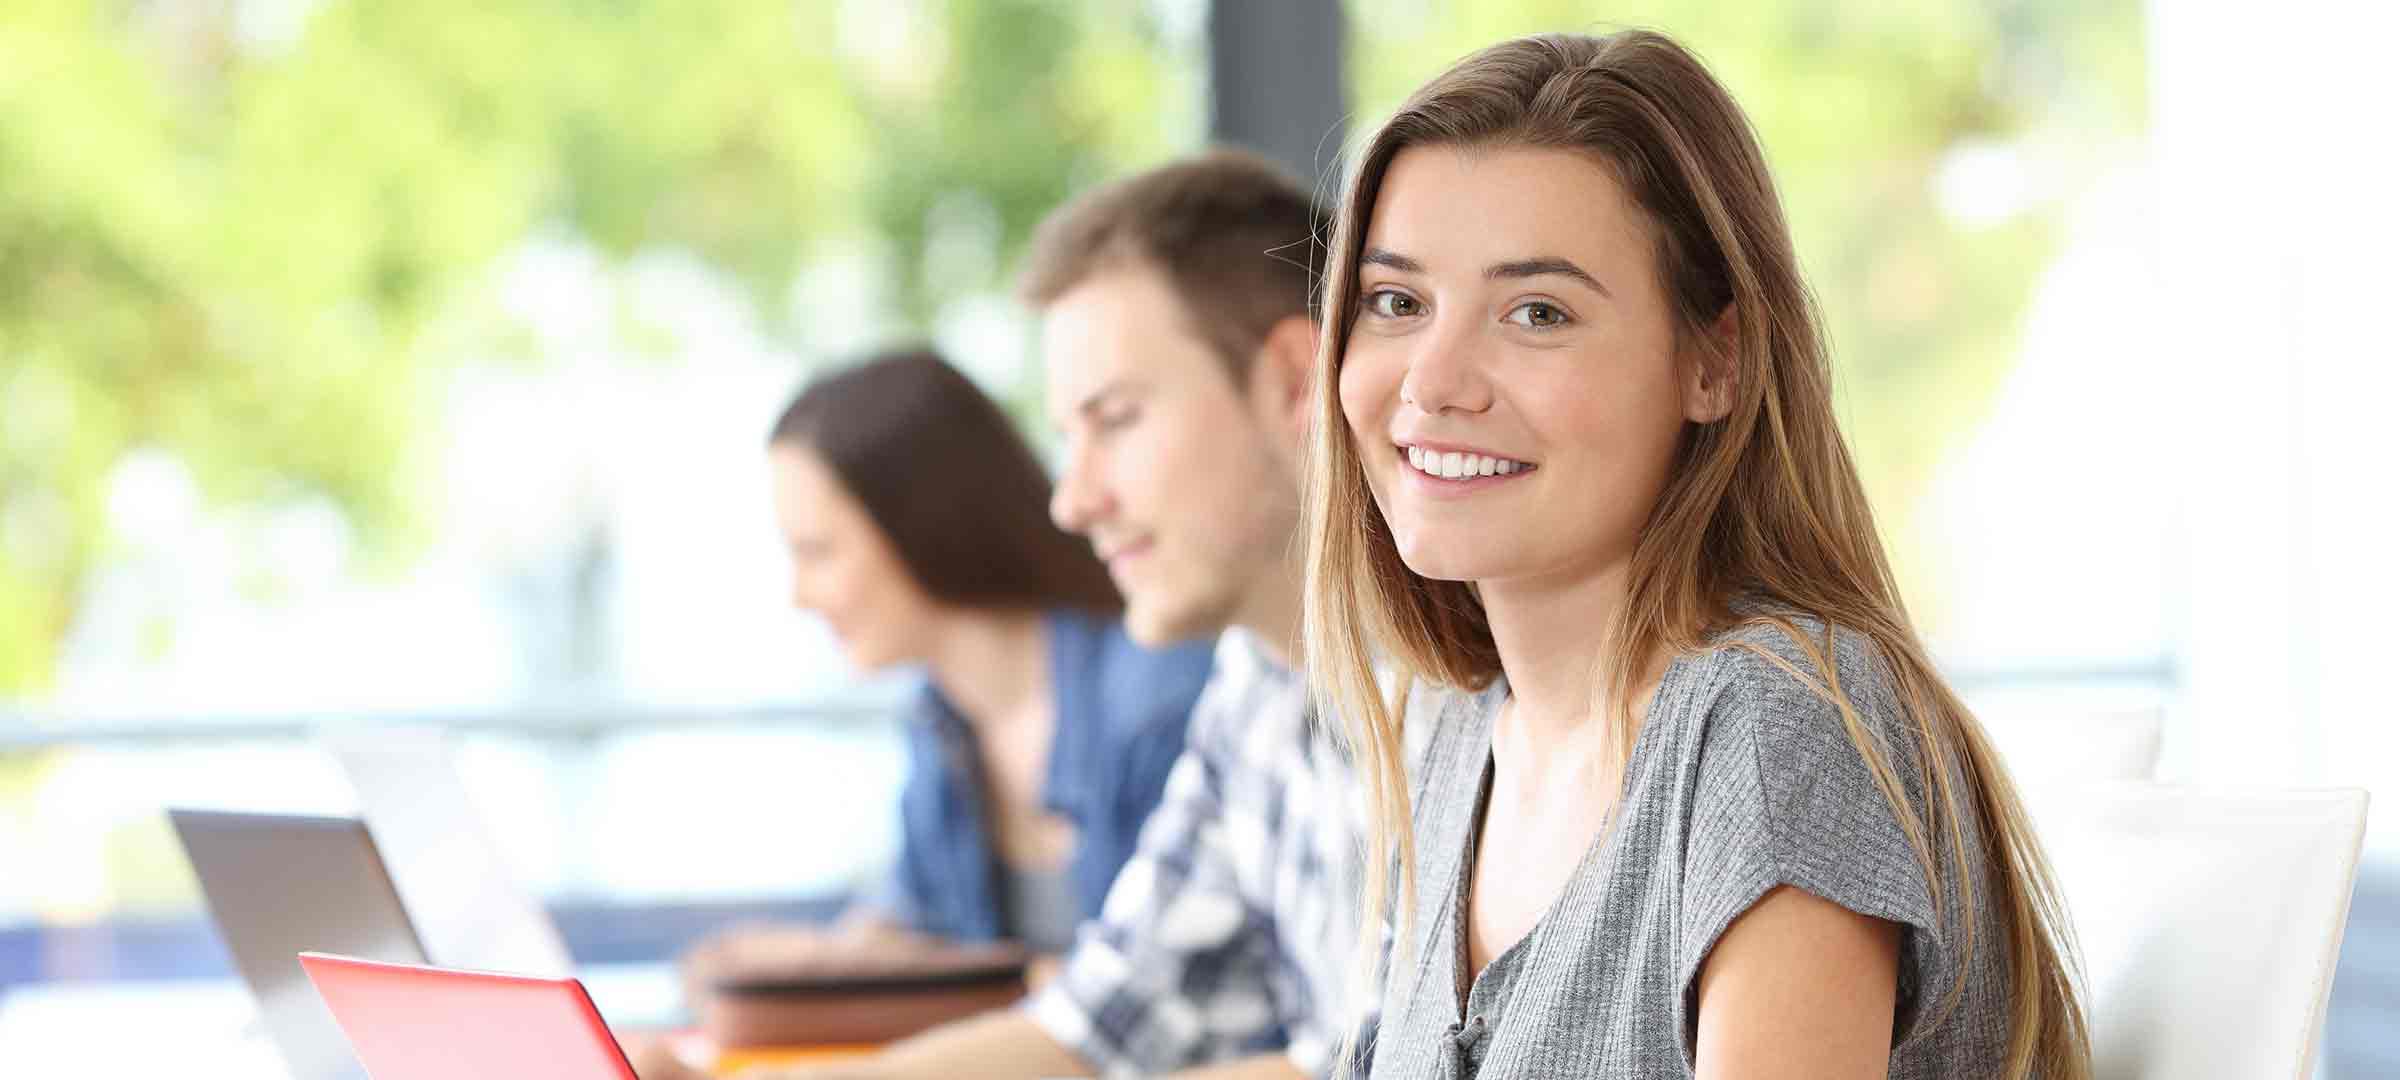 Titelbild: Studentin sitzt mit Kommilitonen im Hörsaal